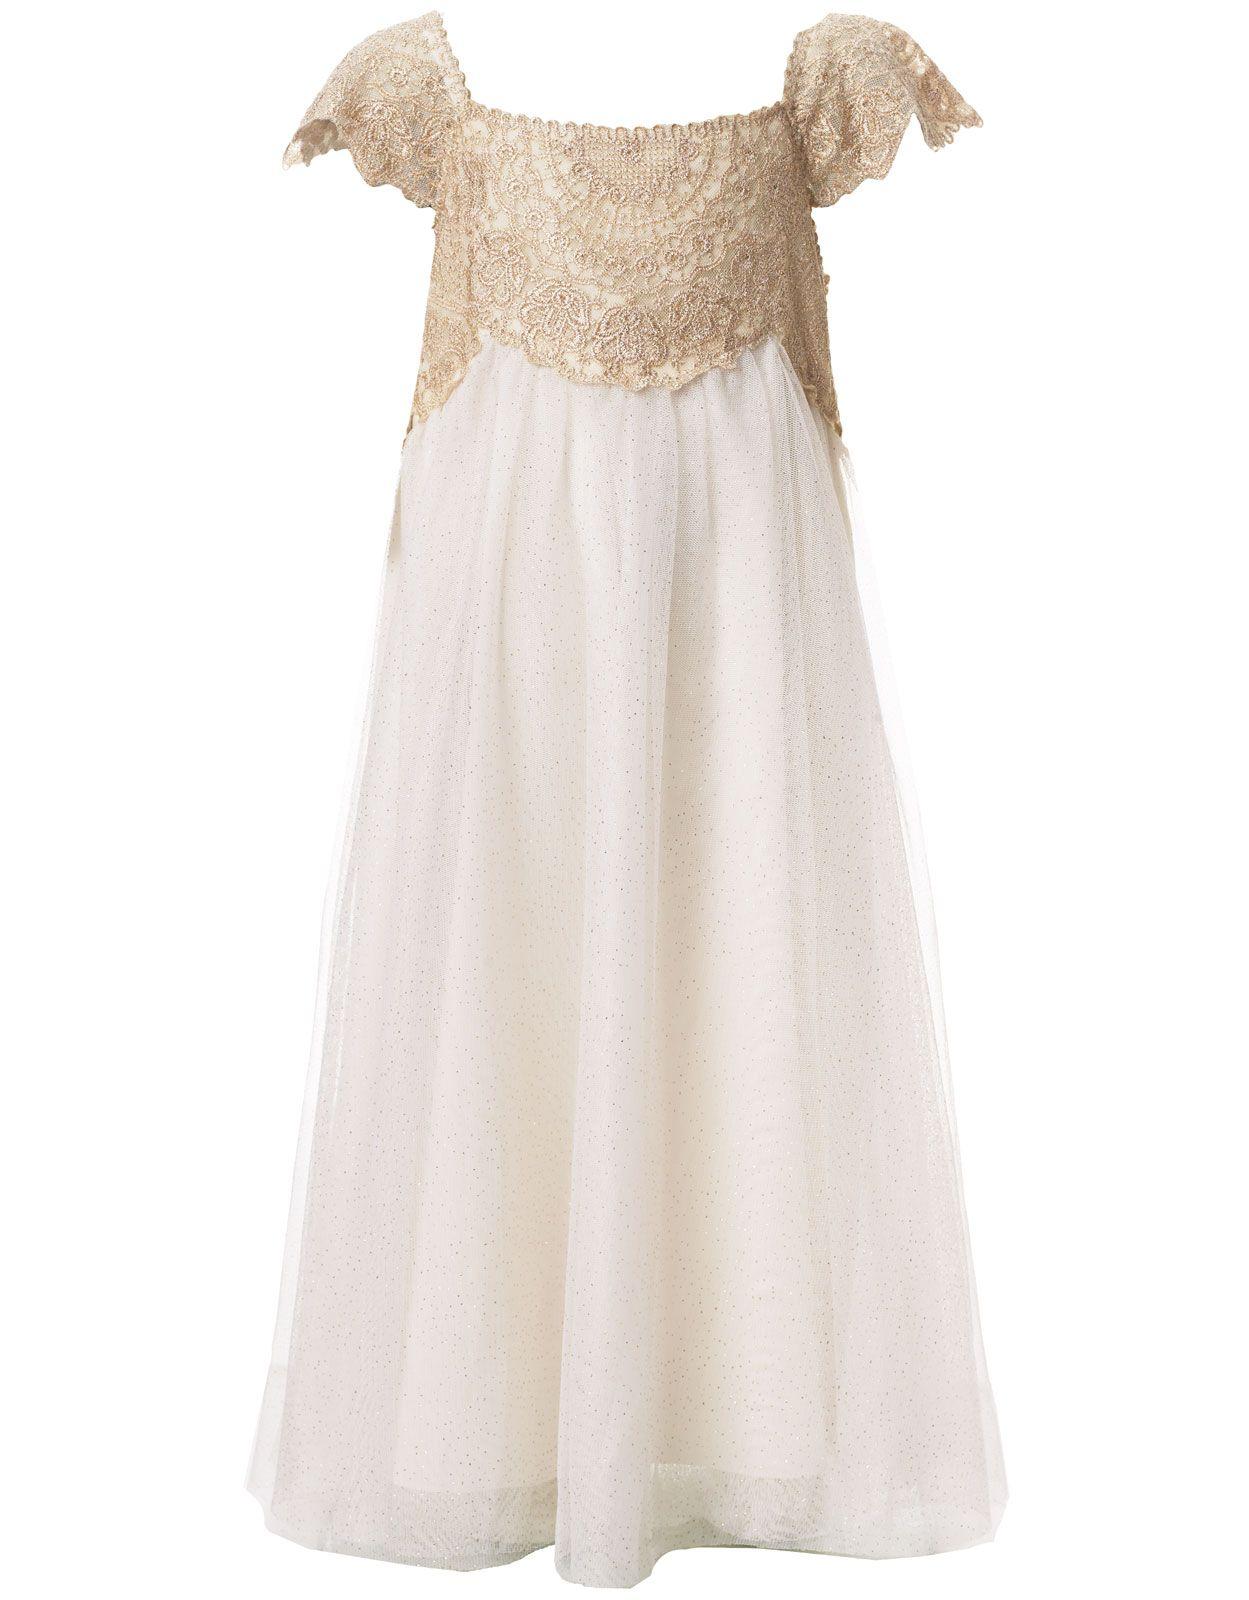 Baby dresses for wedding  Flowergirl  Flowergirl  Pinterest  Weddings Girls and Flower